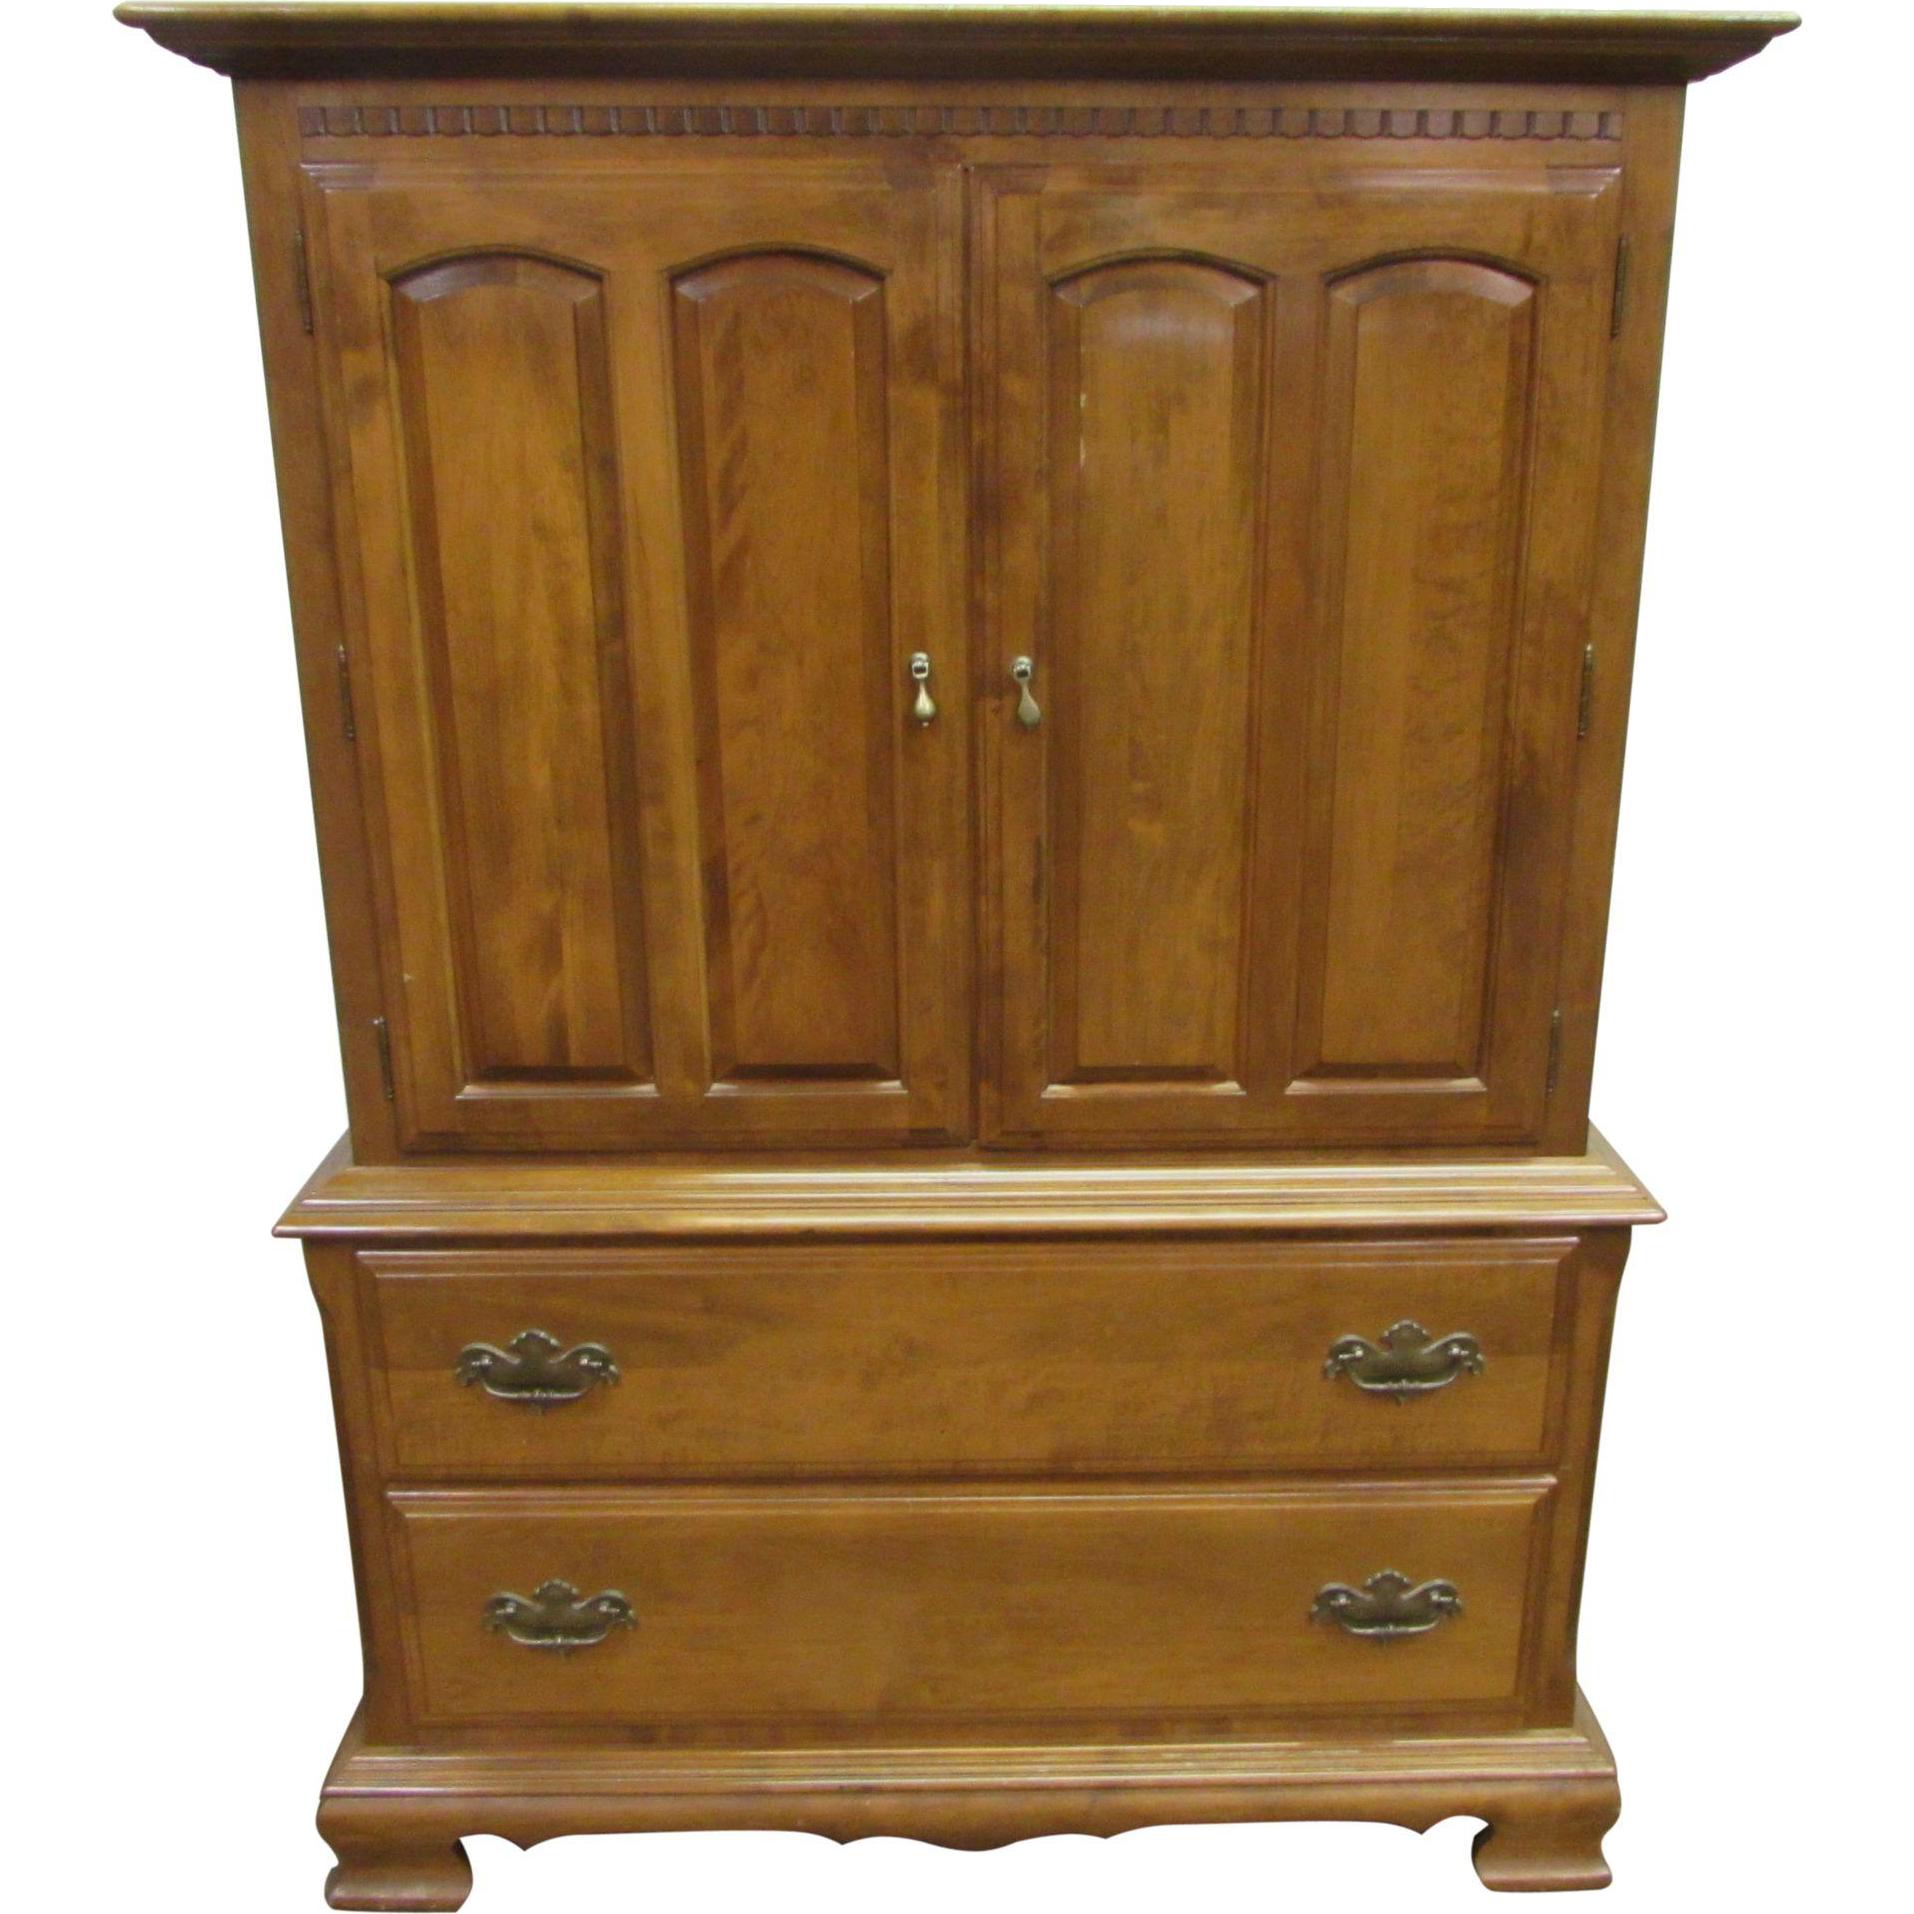 Vintage wooden dresser with doors